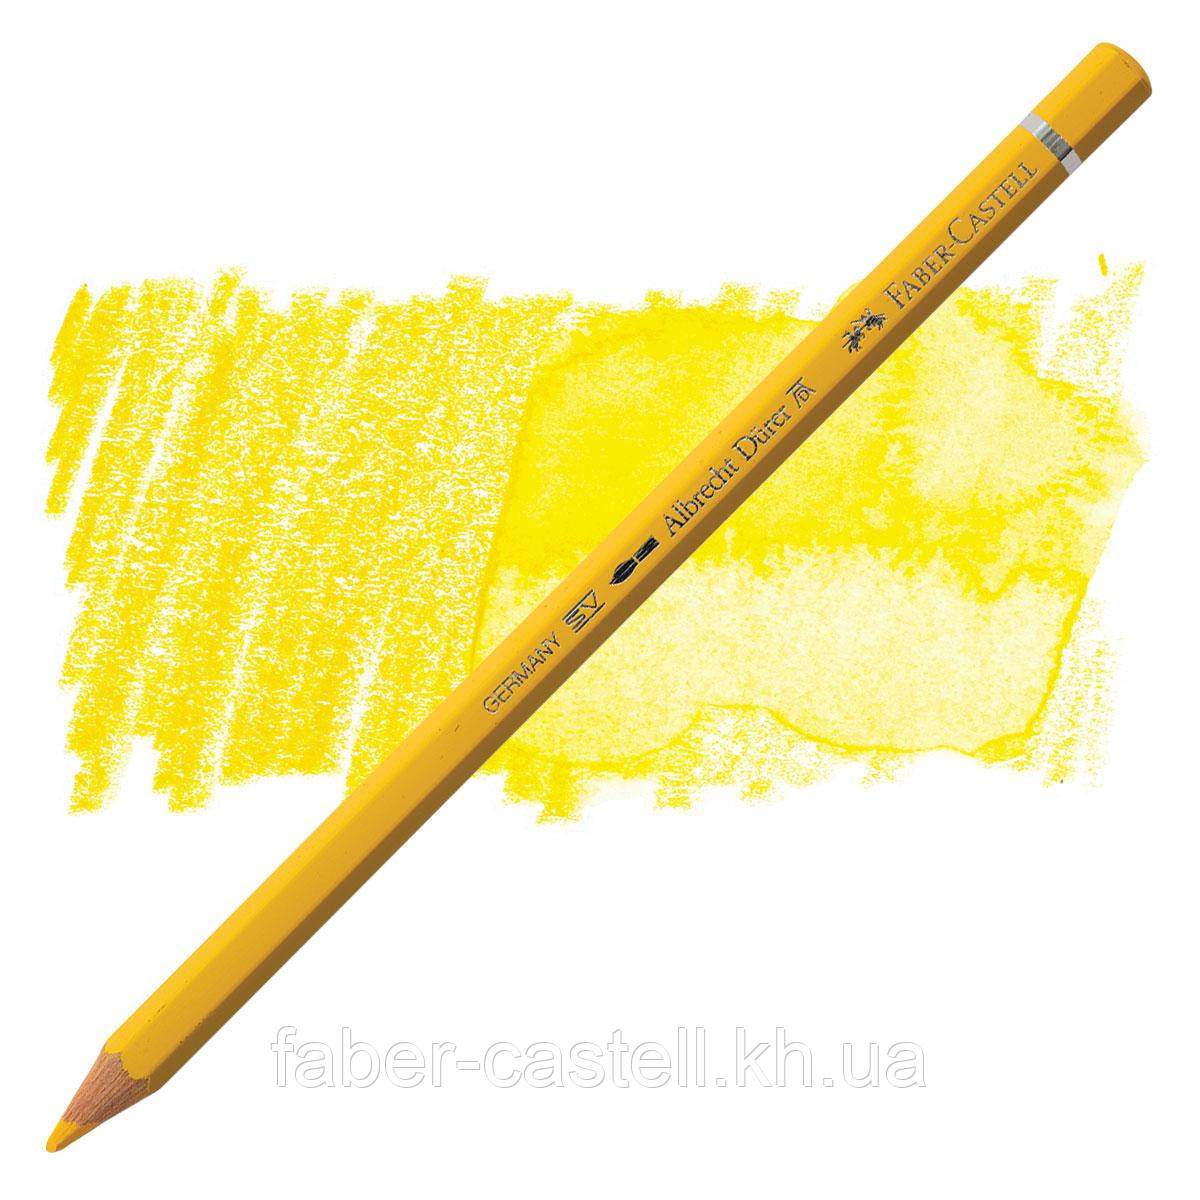 Карандаш акварельный цветной Faber-Castell A. Dürer тёмно-кадмиевая желтизна   (Dark Cadmium Yellow)  № 108